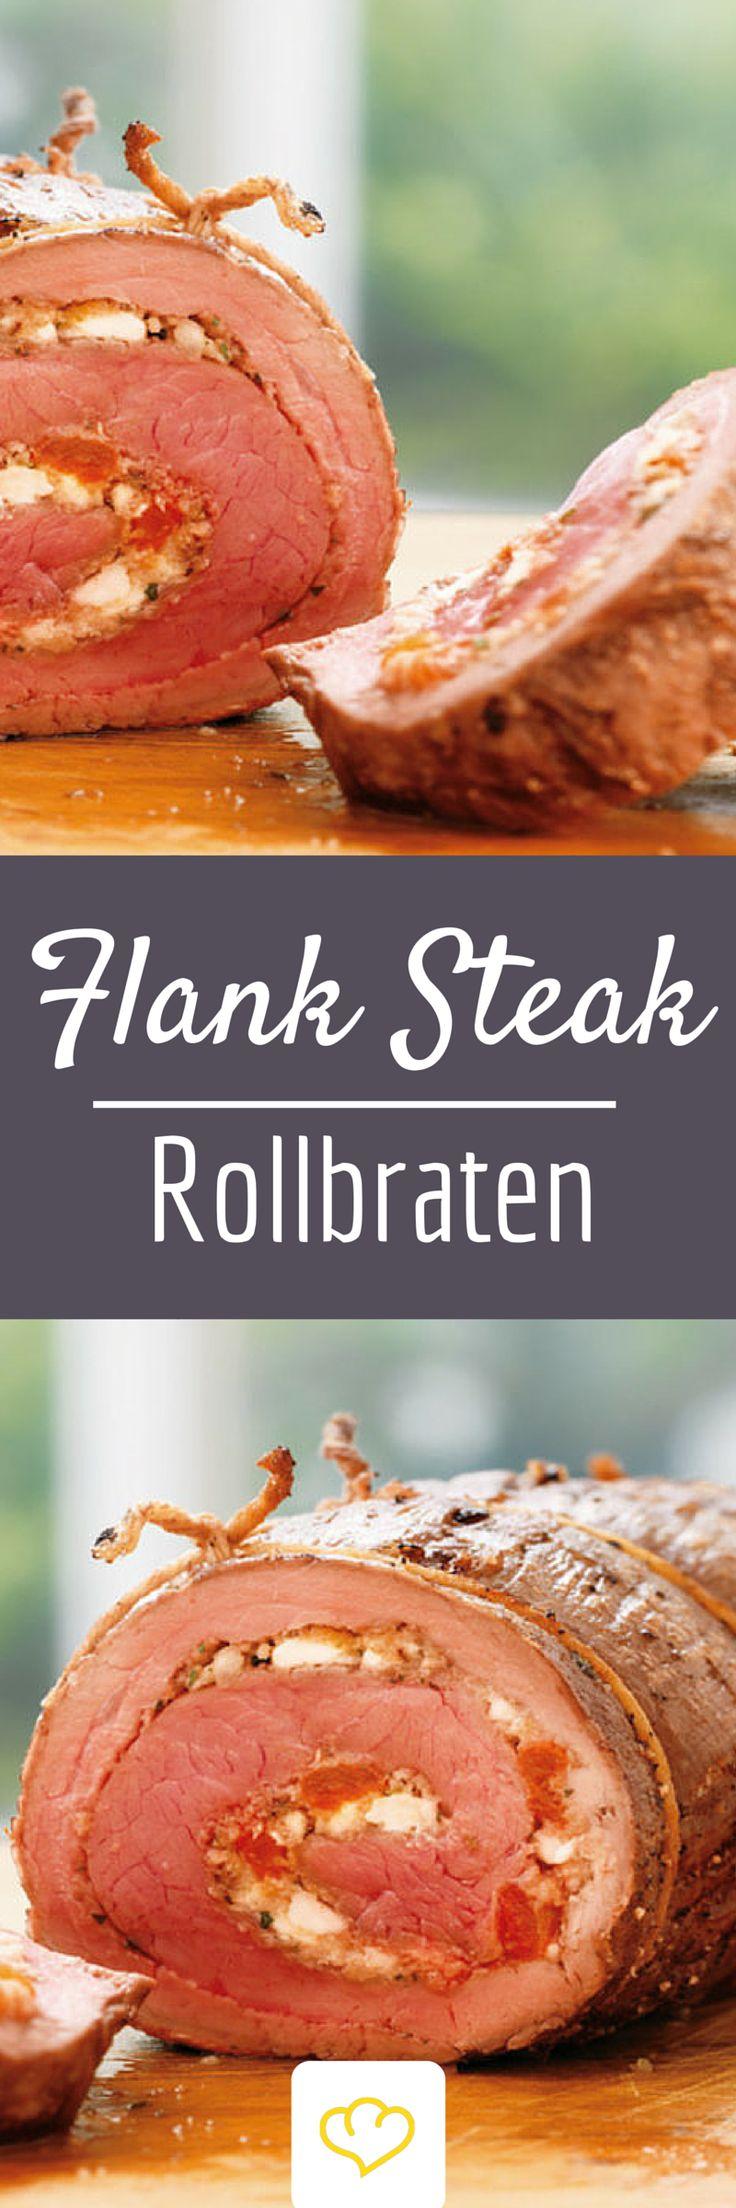 Schon einmal von Flank-Steak-Rollbraten gehört? Wir probieren sie! Was du brauchst? Flank-Steak, das einfach wie ein Buch aufschneiden, und für die leckere Füllung Feta zerkrümelt, Semmelbrösel, Paprika, Knoblauch, Petersilie, und Thymian!  Mit einer Gabel alles gründlich vermischen und die Steaks mit der Füllung eng einrollen! Mhh!